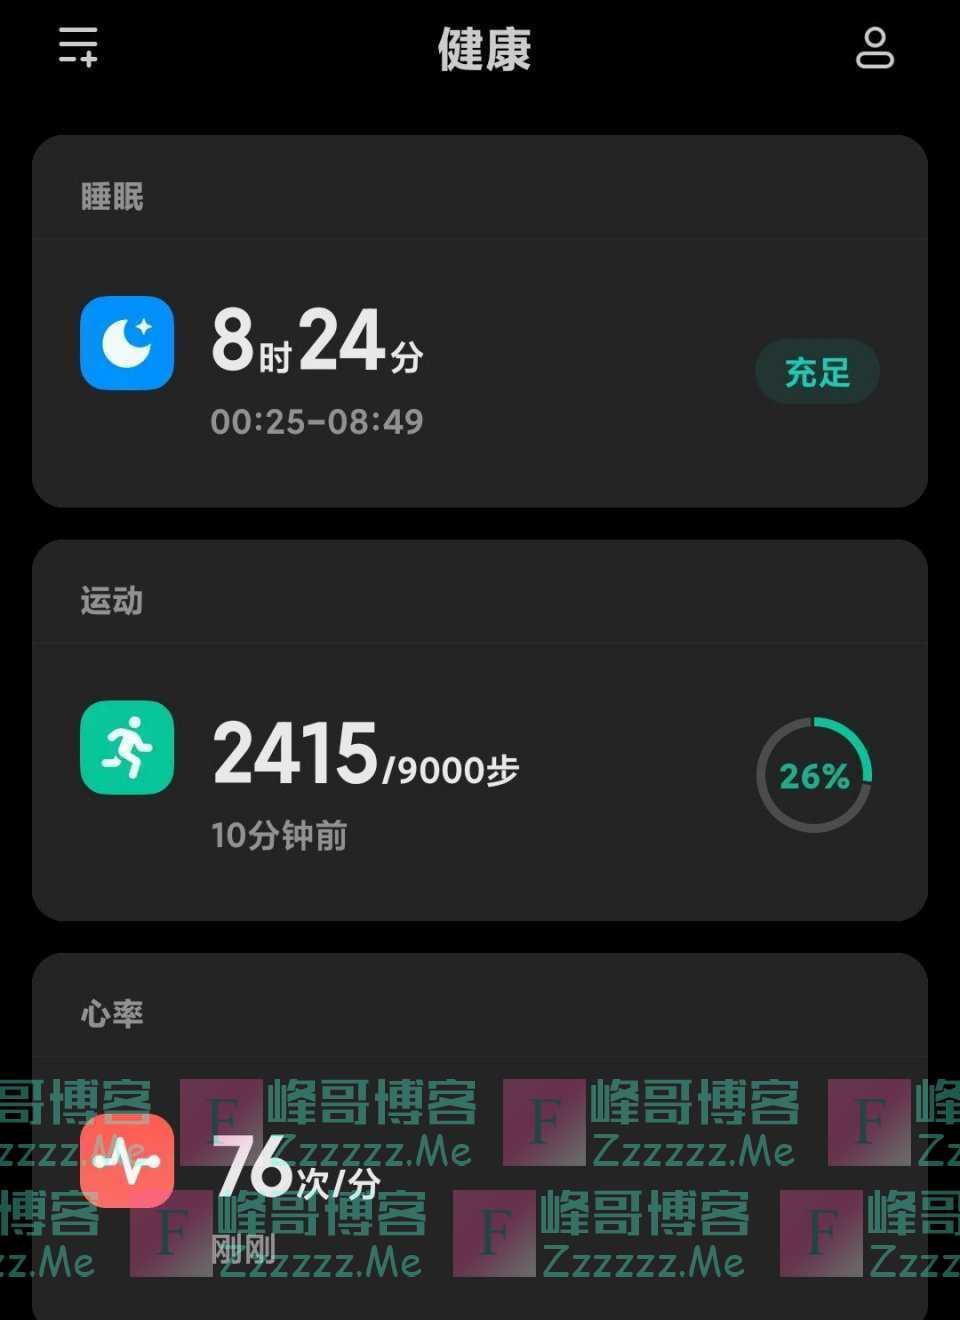 小米、Redmi手机心率测试功能已上线,感觉挺准确的,你测了吗?